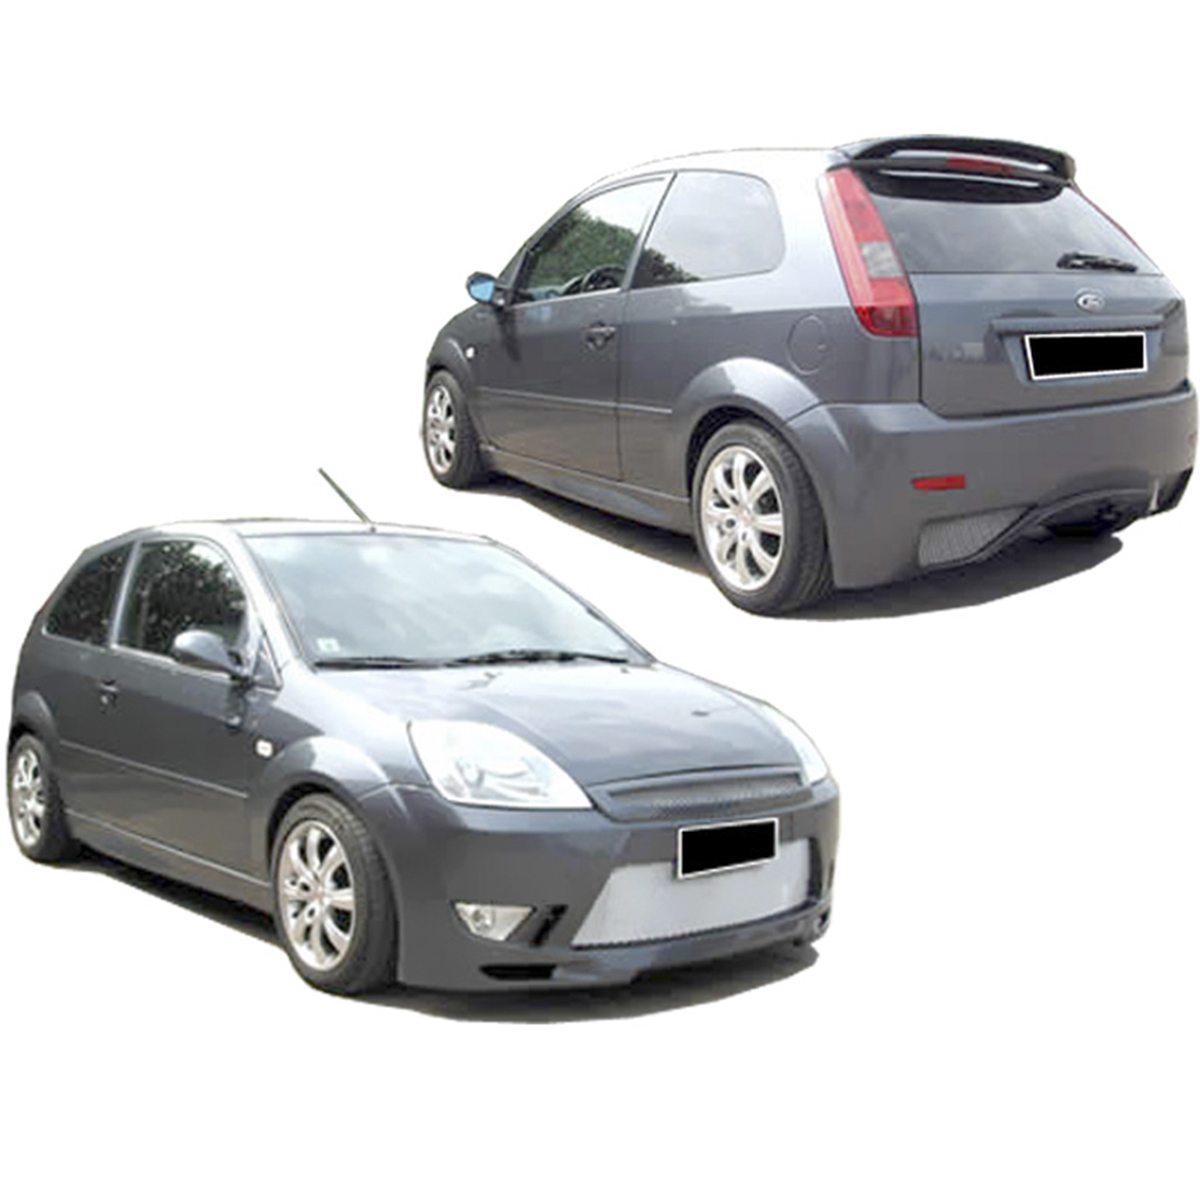 Ford-Fiesta-02-Thor-KIT-QTU064